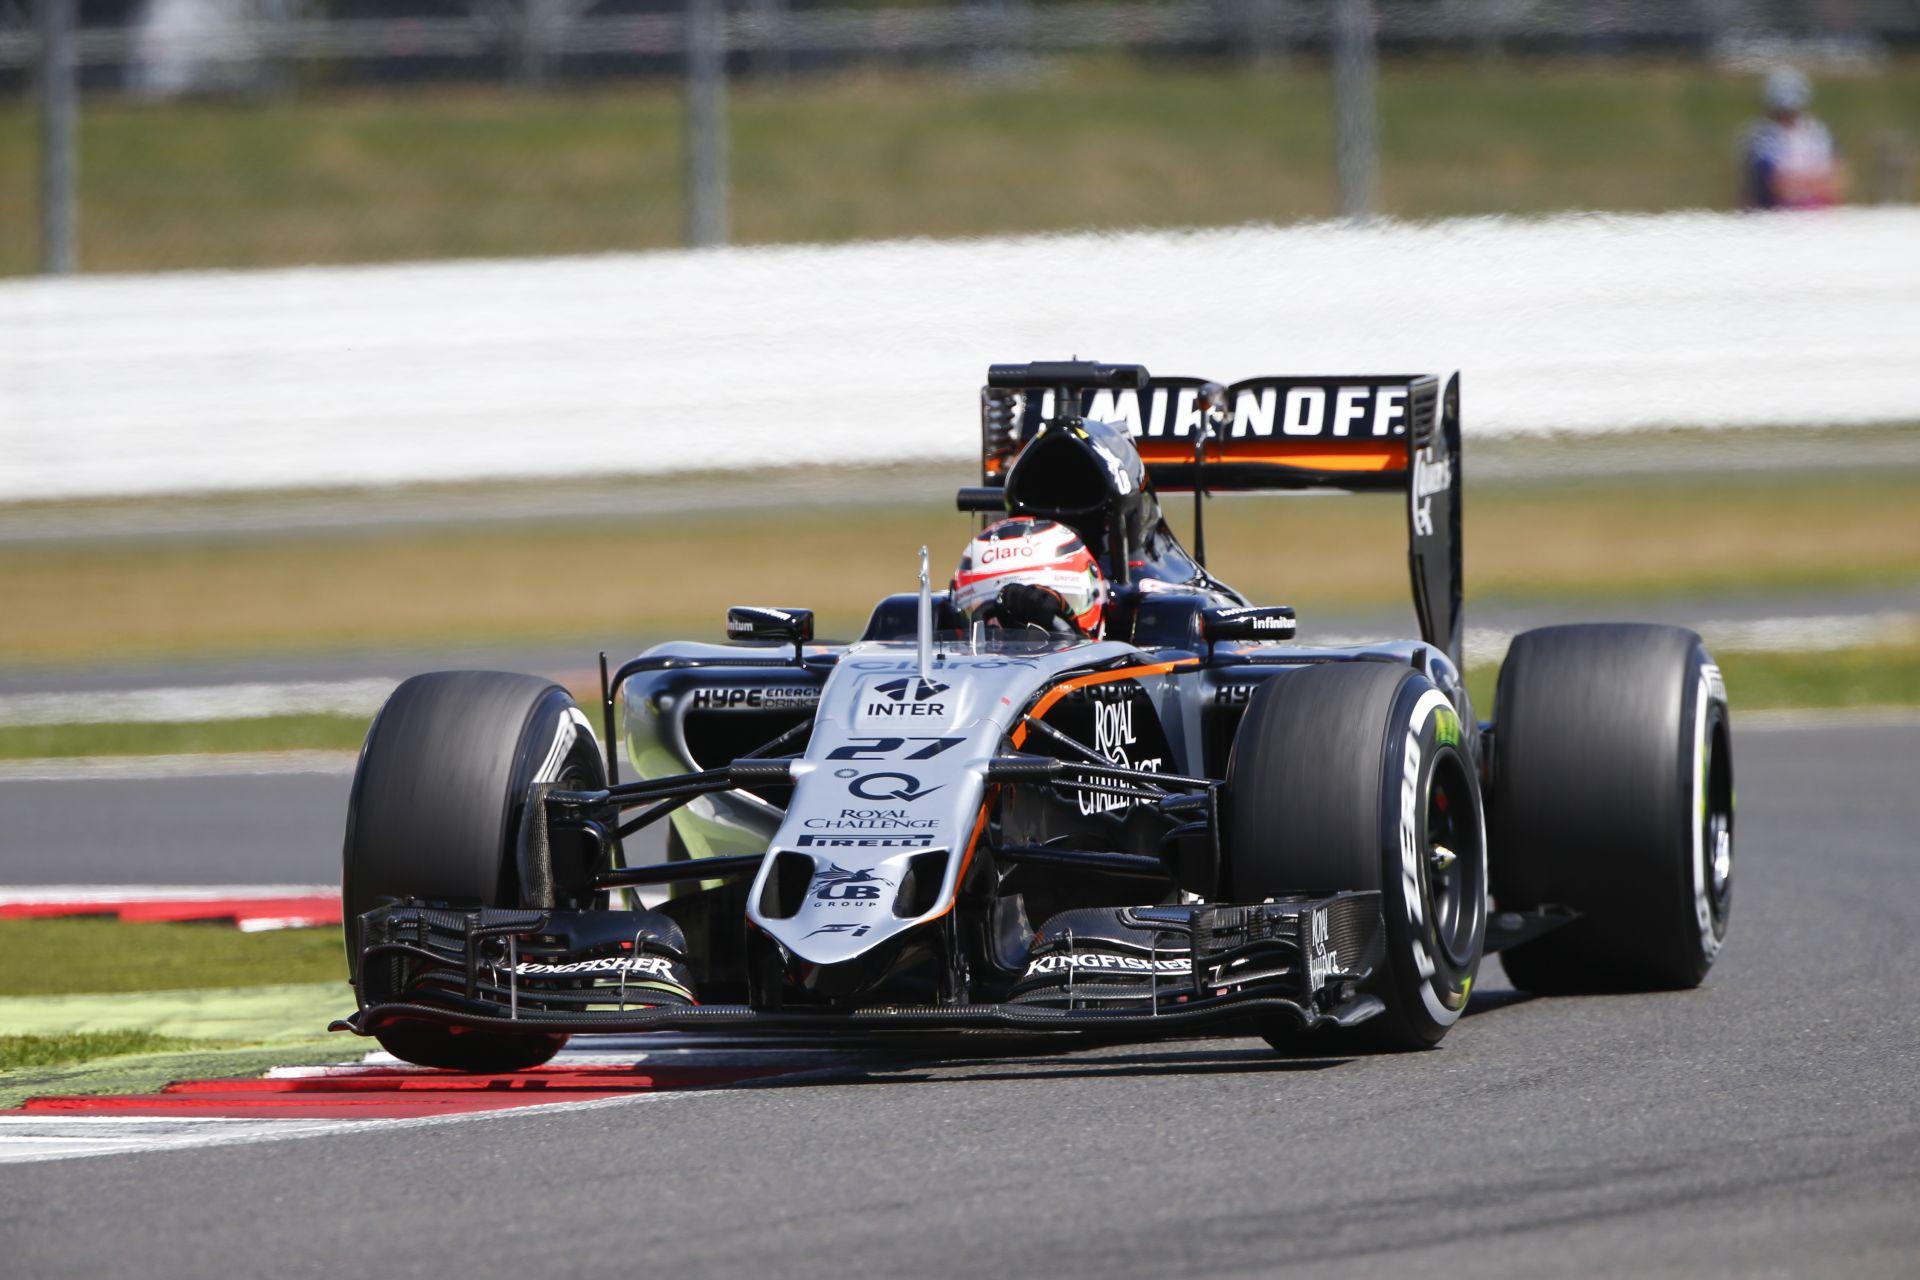 Hülkenberg újabb nagyszerű eredménye a Force Indiával, de Pérez is pontot szerzett Silverstone-ban